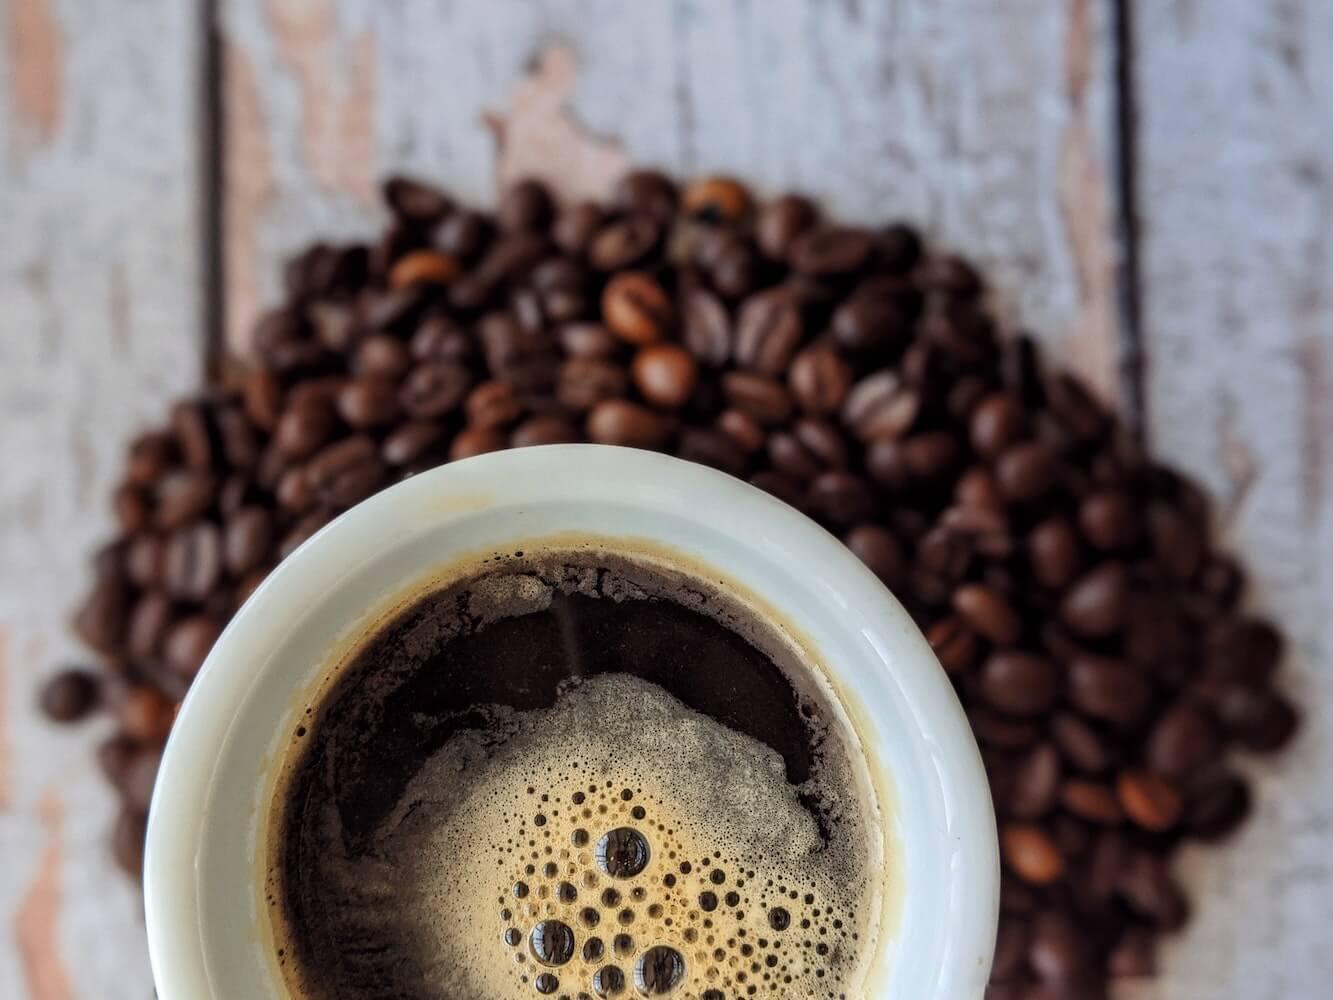 frischer Kaffee in Tasse mit Kaffeebohnen auf Tisch